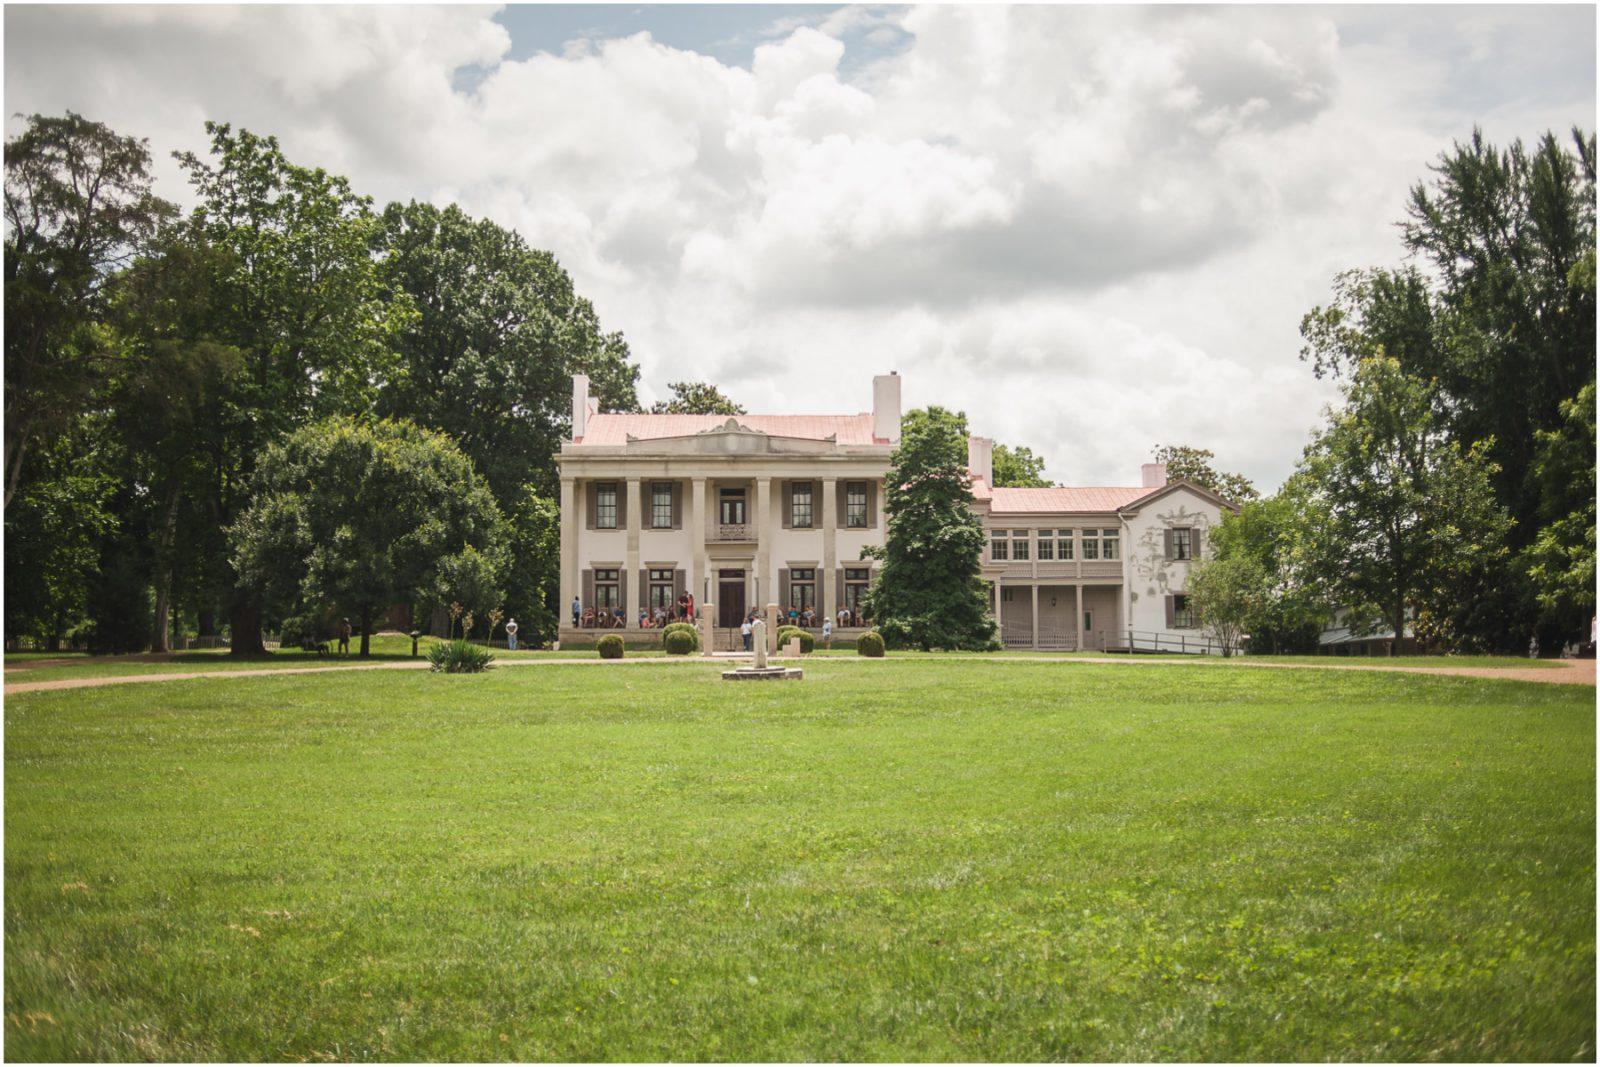 Nashville-Day-3_Belle-Meade-Plantation_3.jpg